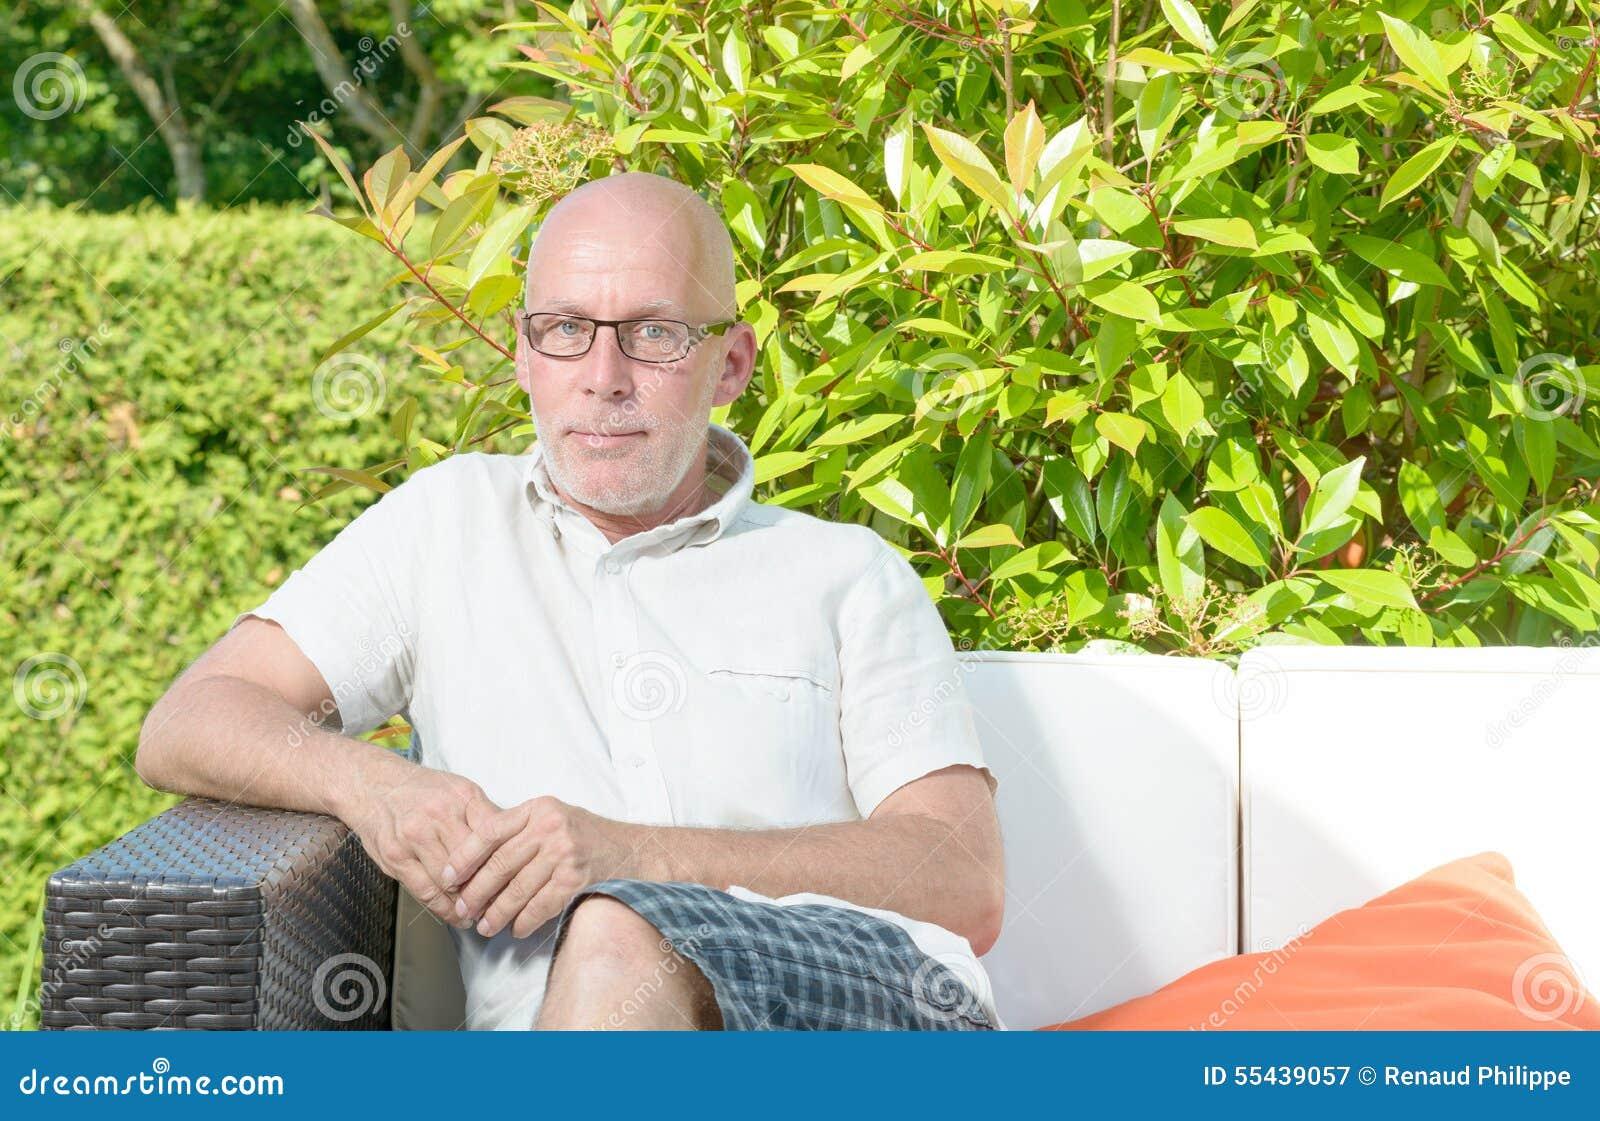 Portret van een mens op middelbare leeftijd